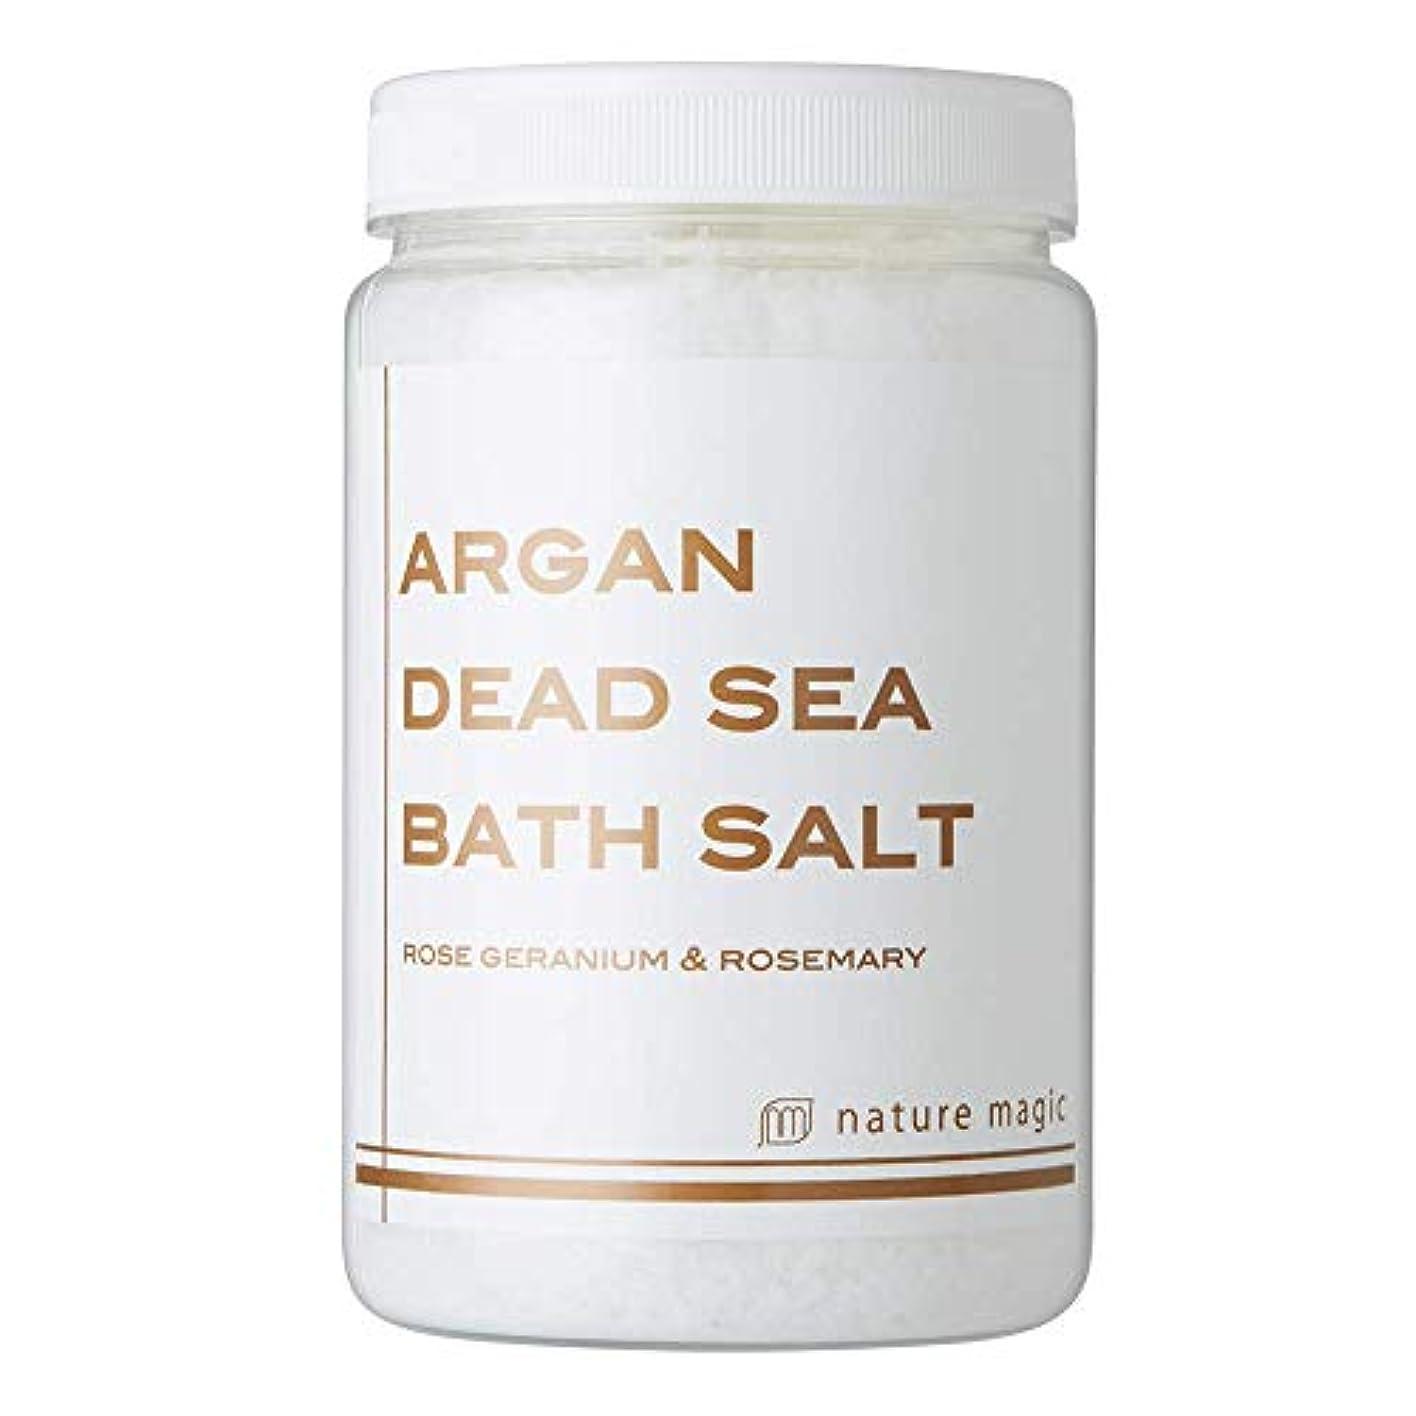 編集する抑圧楽しませる【死海の天然塩にアルガンオイルを配合した全身ポカポカ、お肌つるつる入浴剤】アルガンデッドシーバスソルト